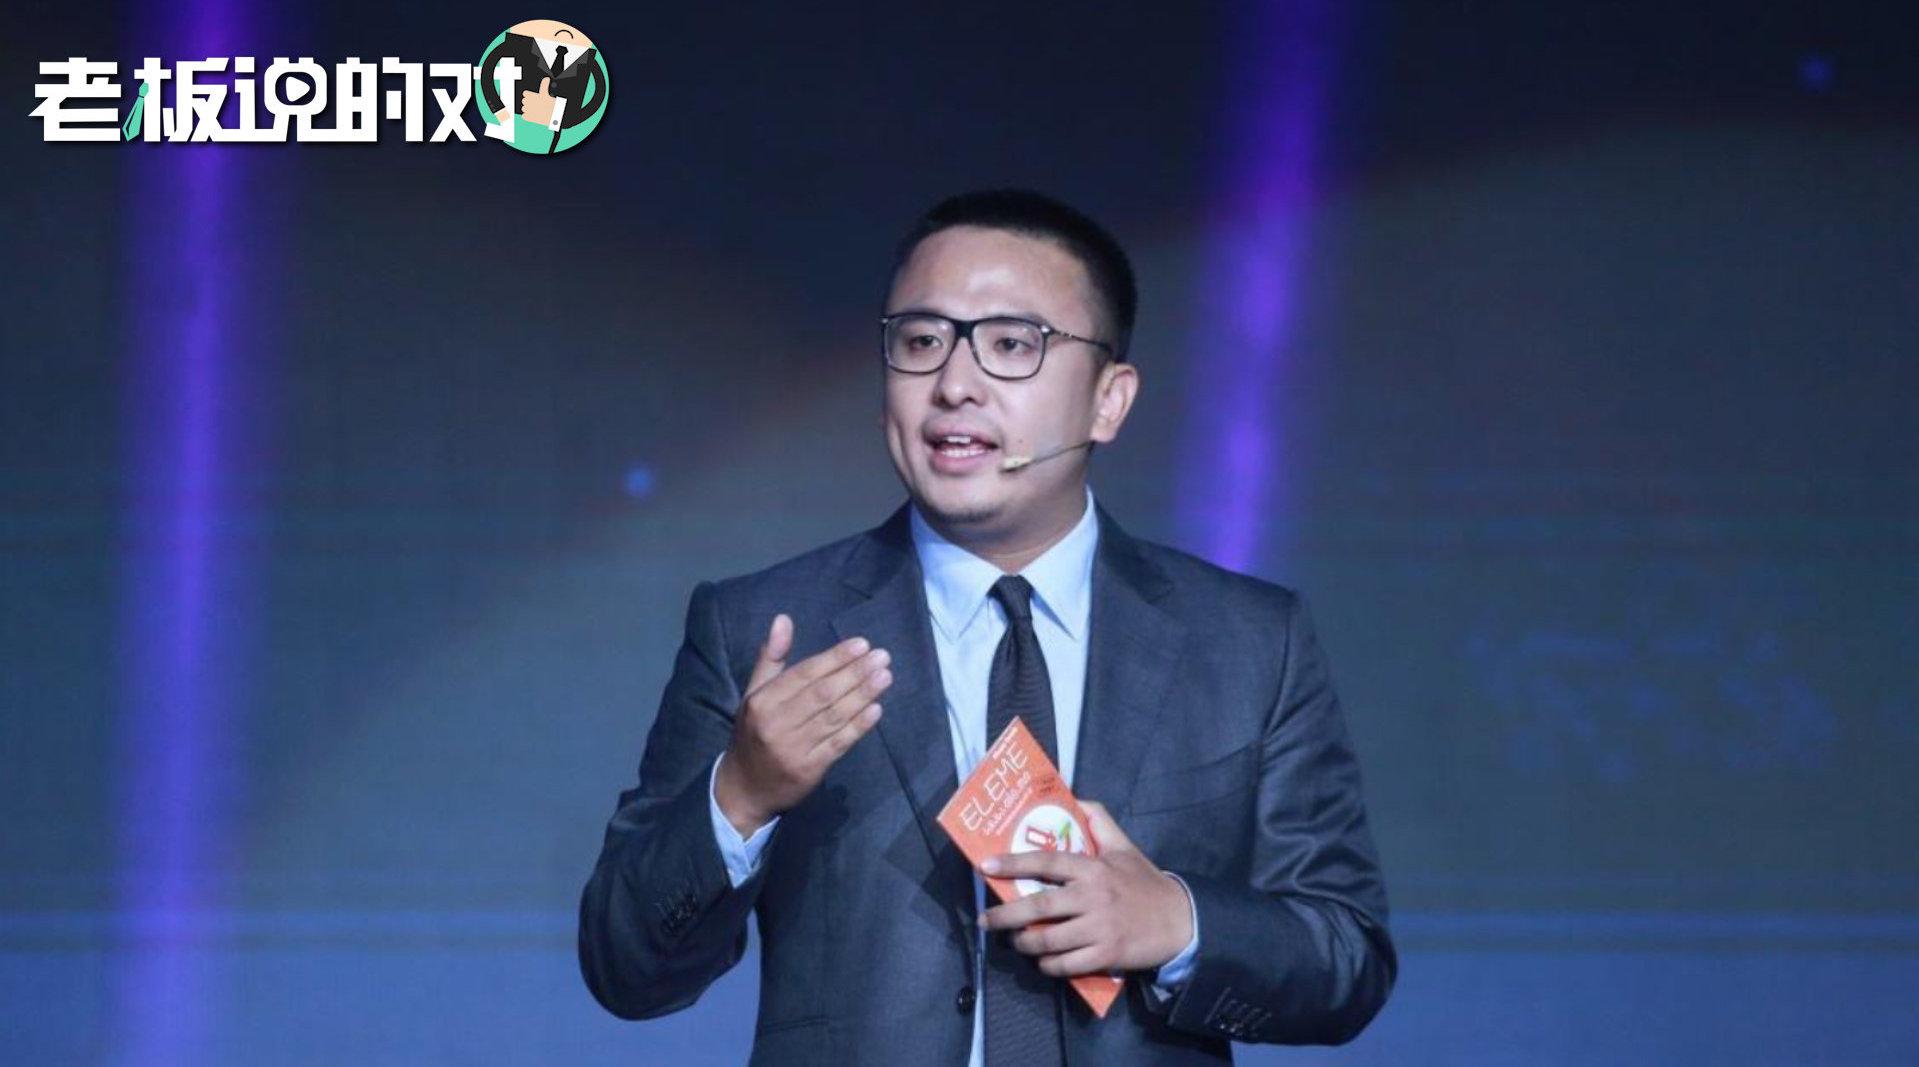 探探CEO王宇:男生对60%异性感兴趣,女生只对6%异性有好感